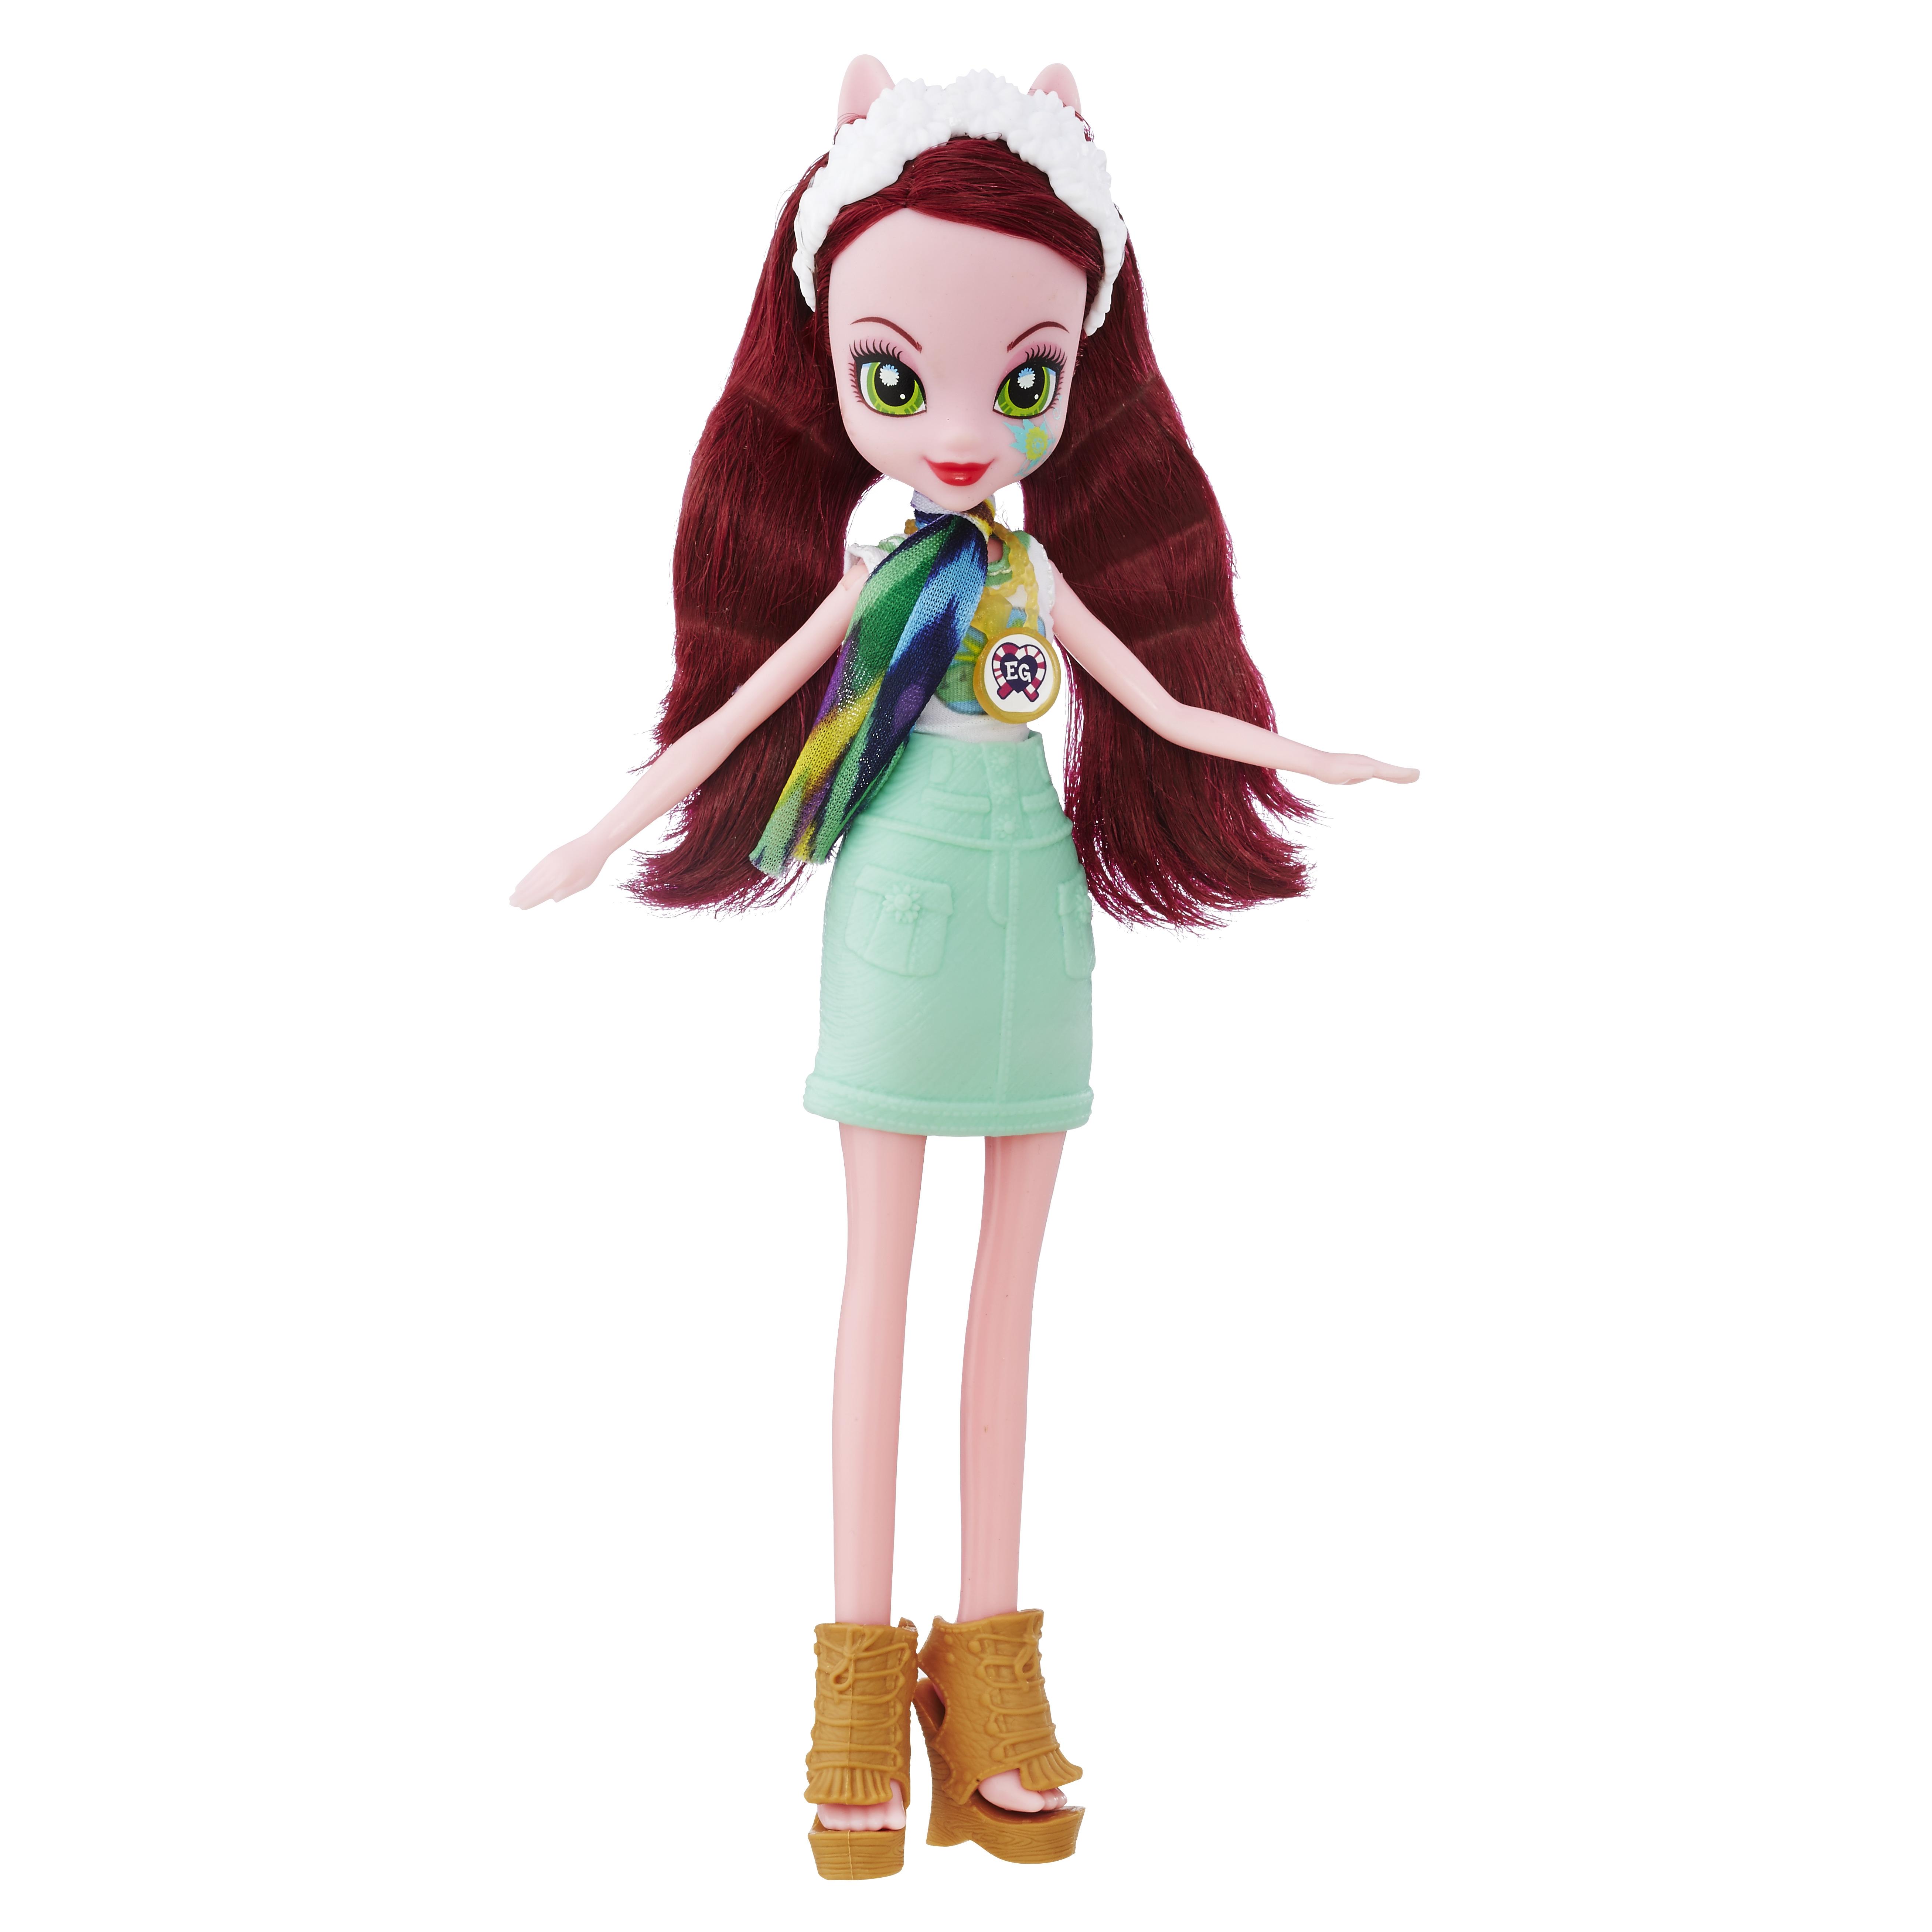 Кукла Hasbro Легенда Вечнозеленого леса hasbro b6476 equestria girls кукла рарити легенда вечнозеленого леса